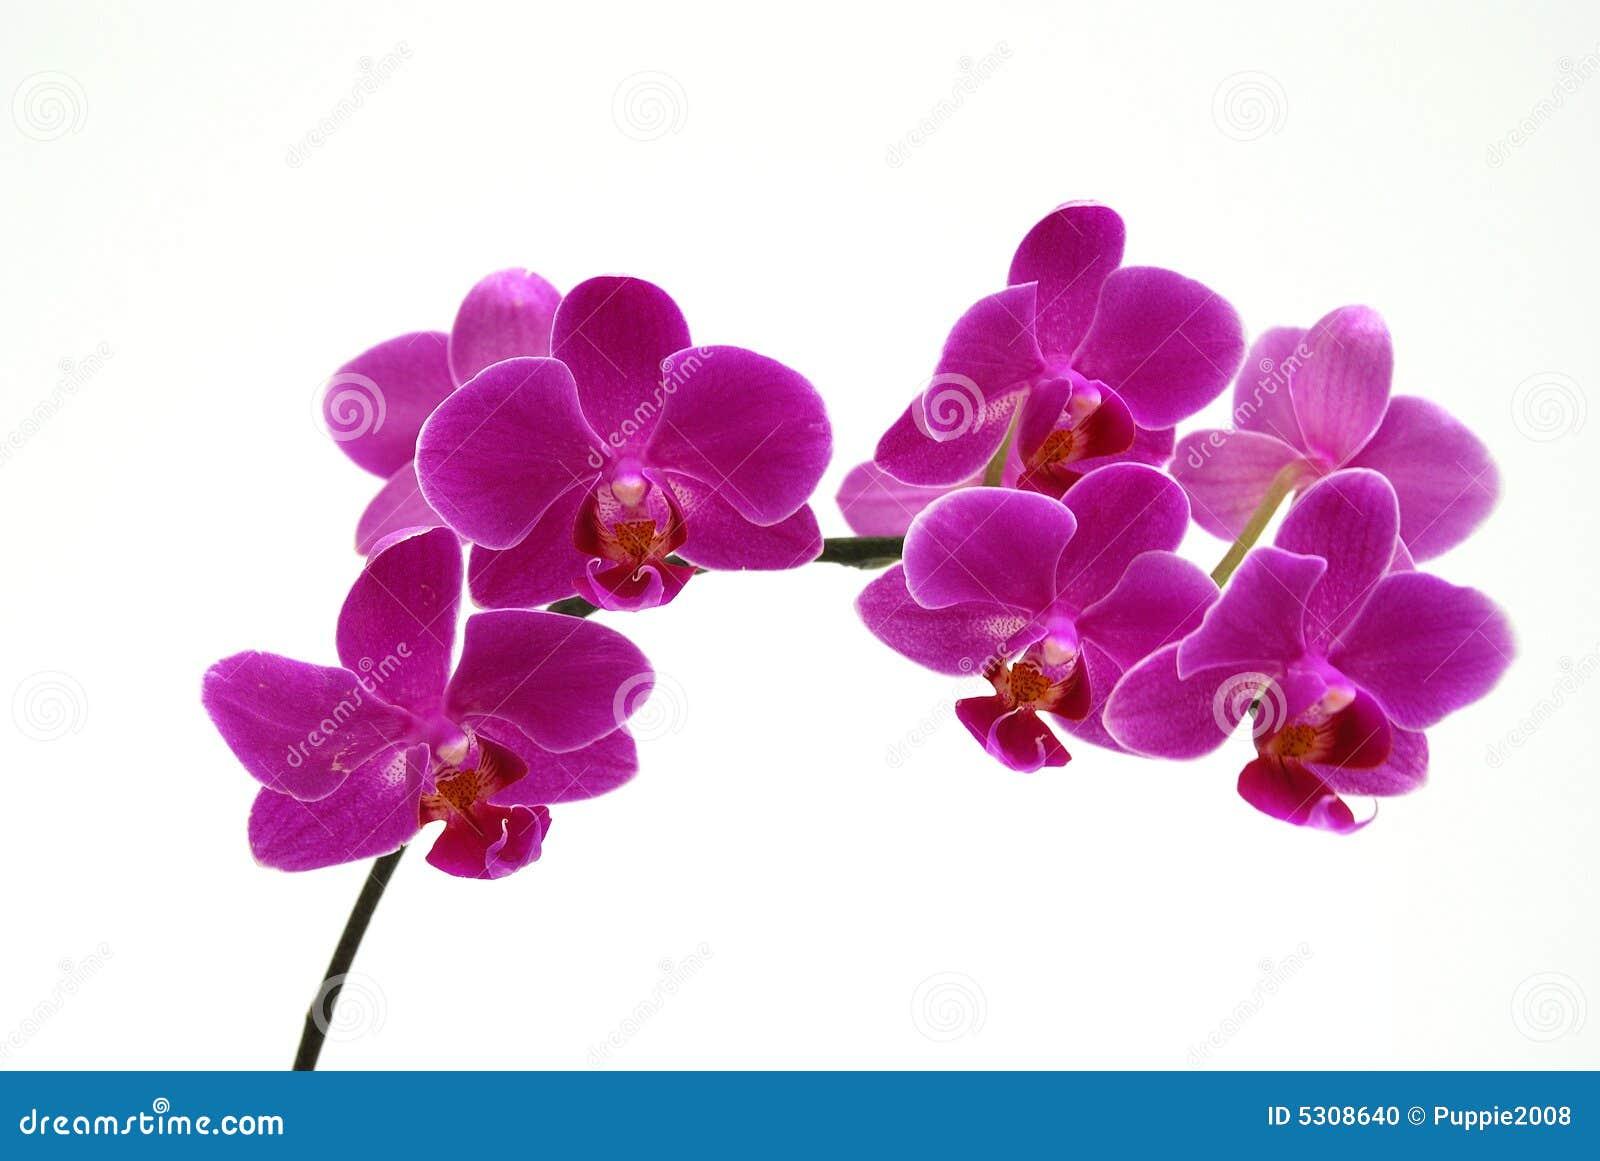 orchid - dark pink